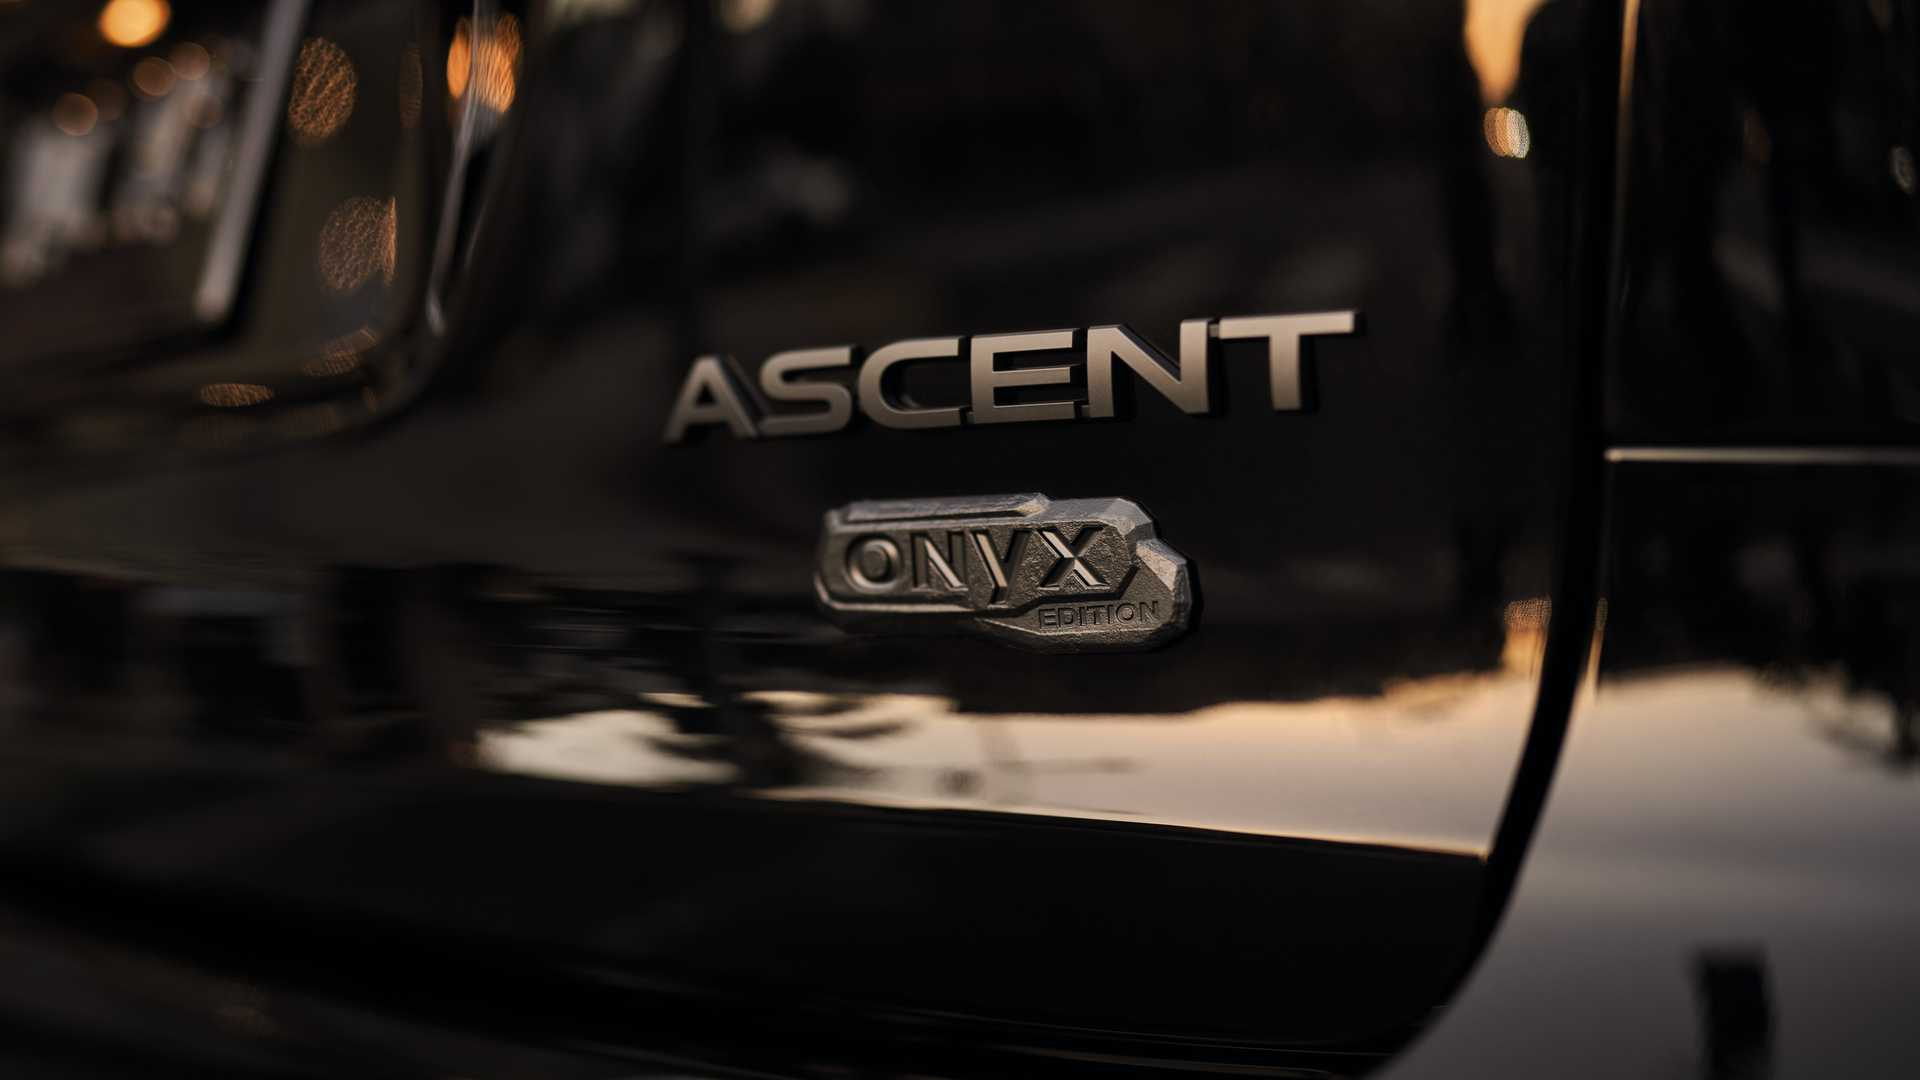 سوبارو تبدأ بإصدار 2022 Ascent Onyx Edition بمظهر أكثر رشاقة